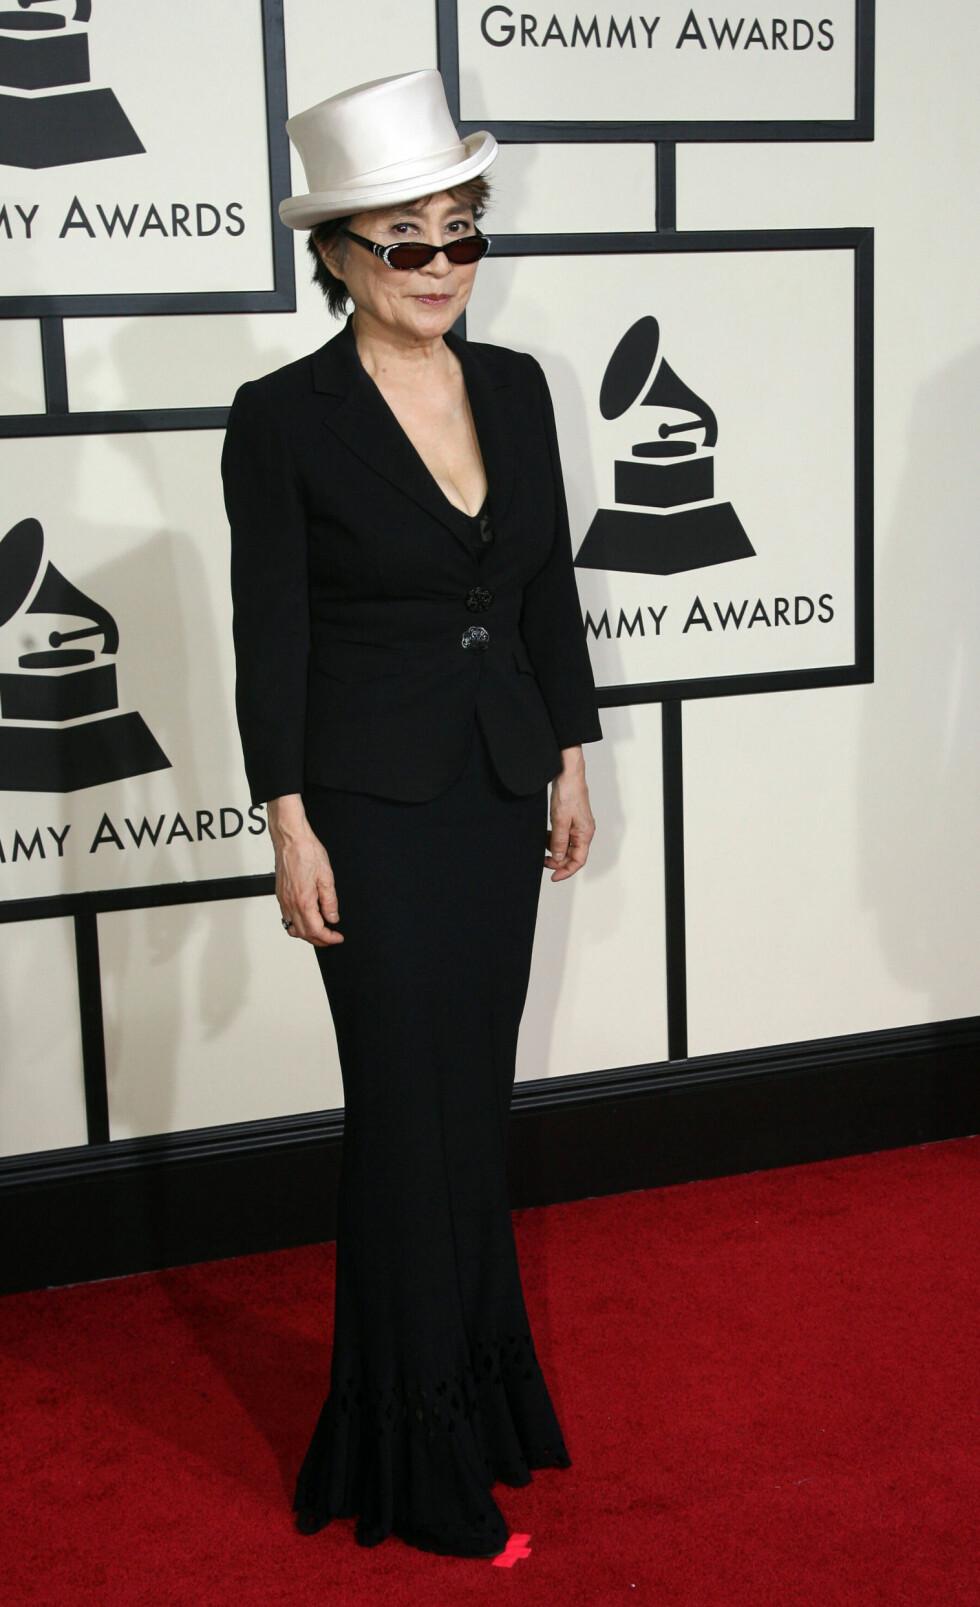 YOKO ONO: Den japanske superstjernen Yoko Ono kastet glans over Grammy-utdelingen i 2008. Foto: NTB Scanpix